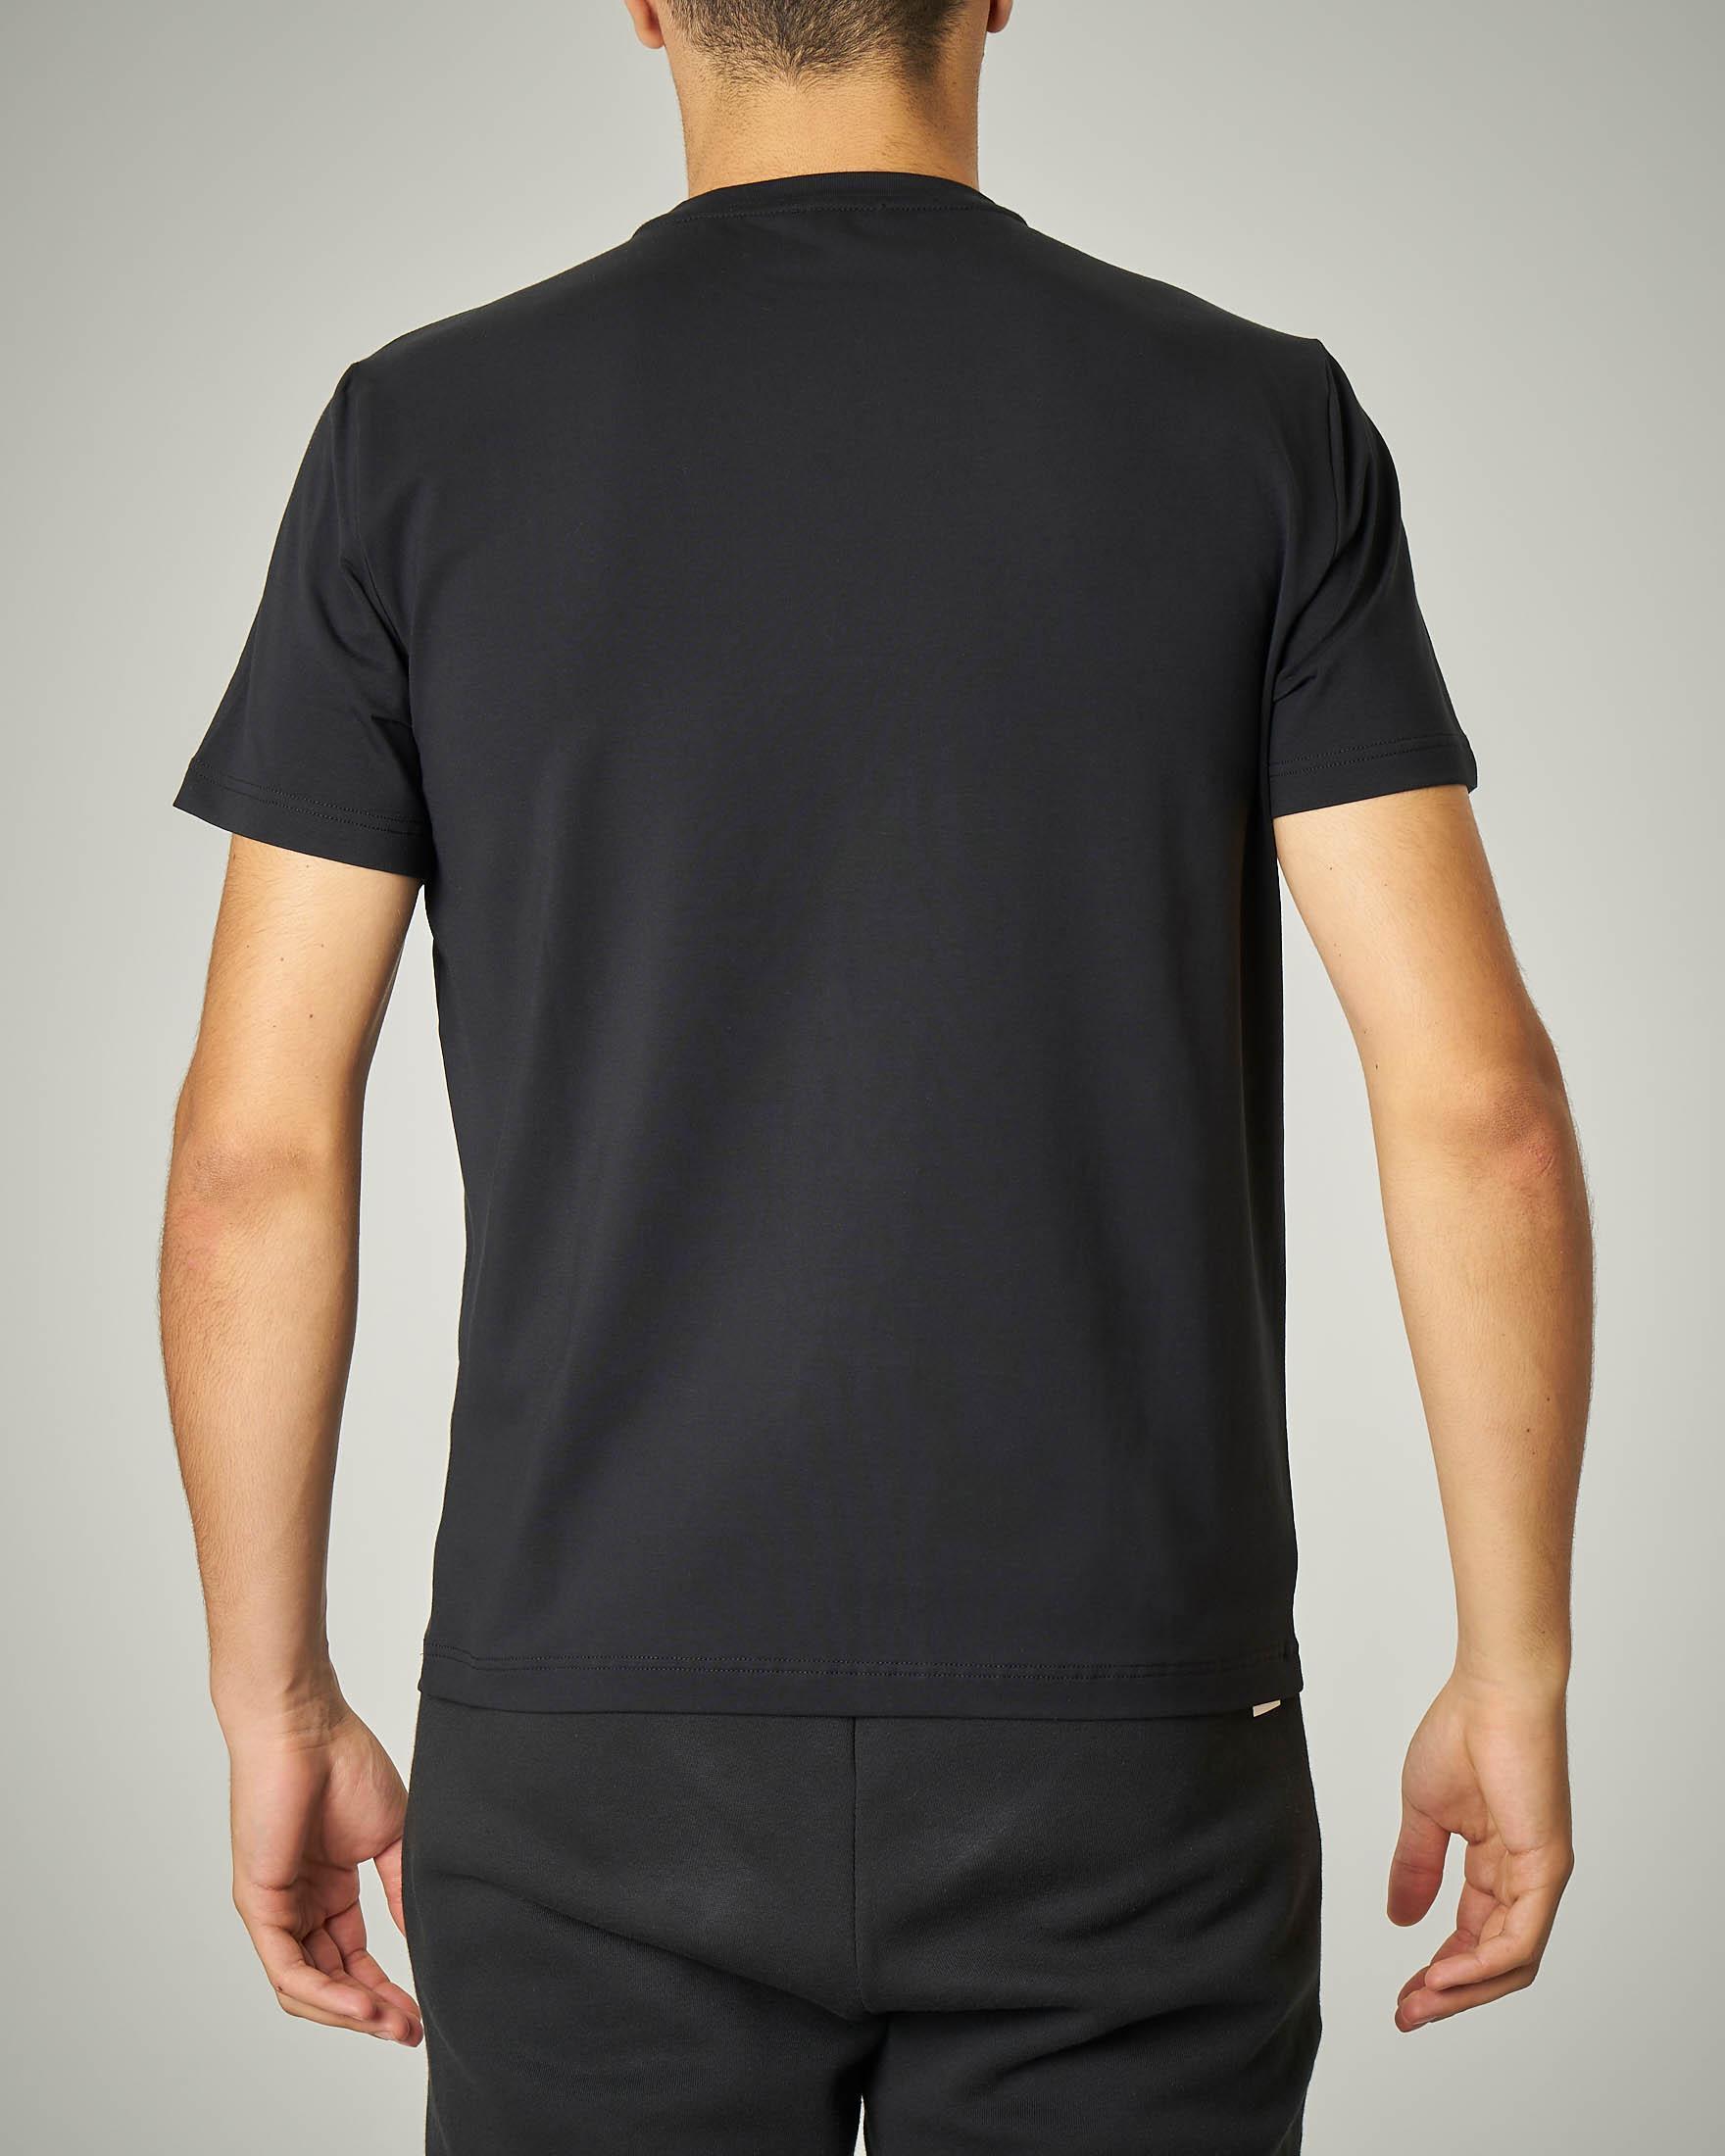 T-shirt nera stretch logo argento